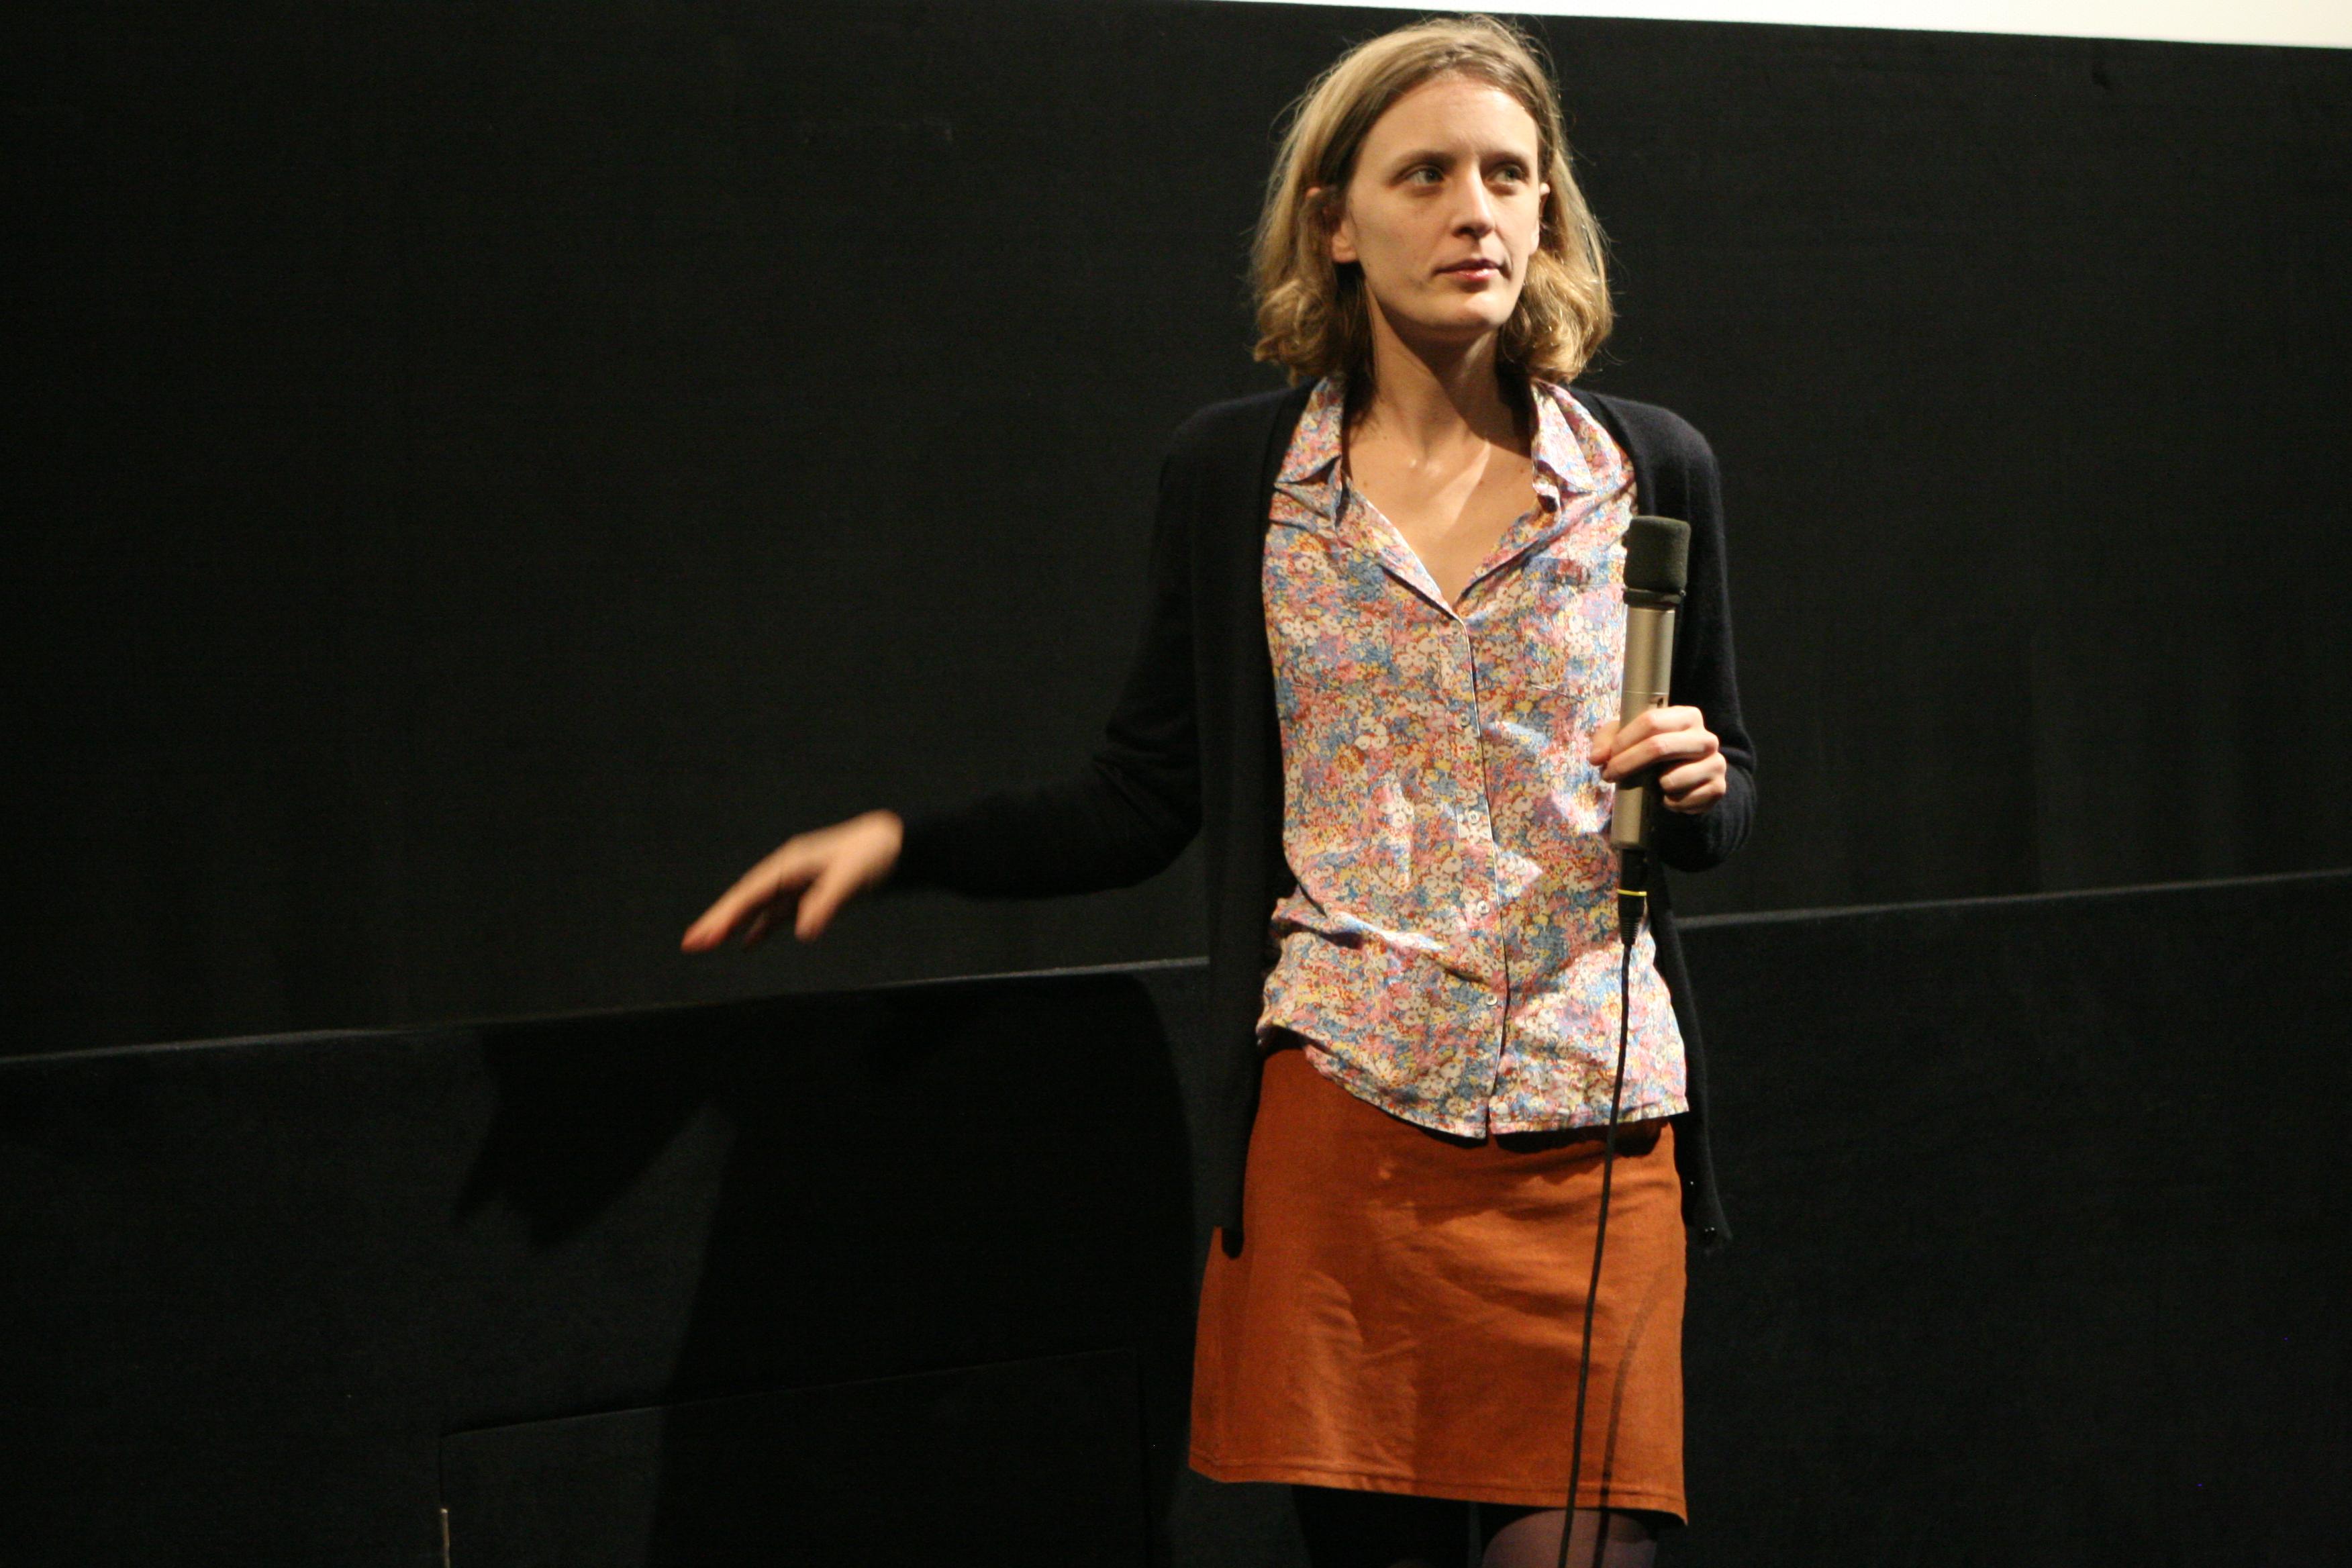 Mia Hansen